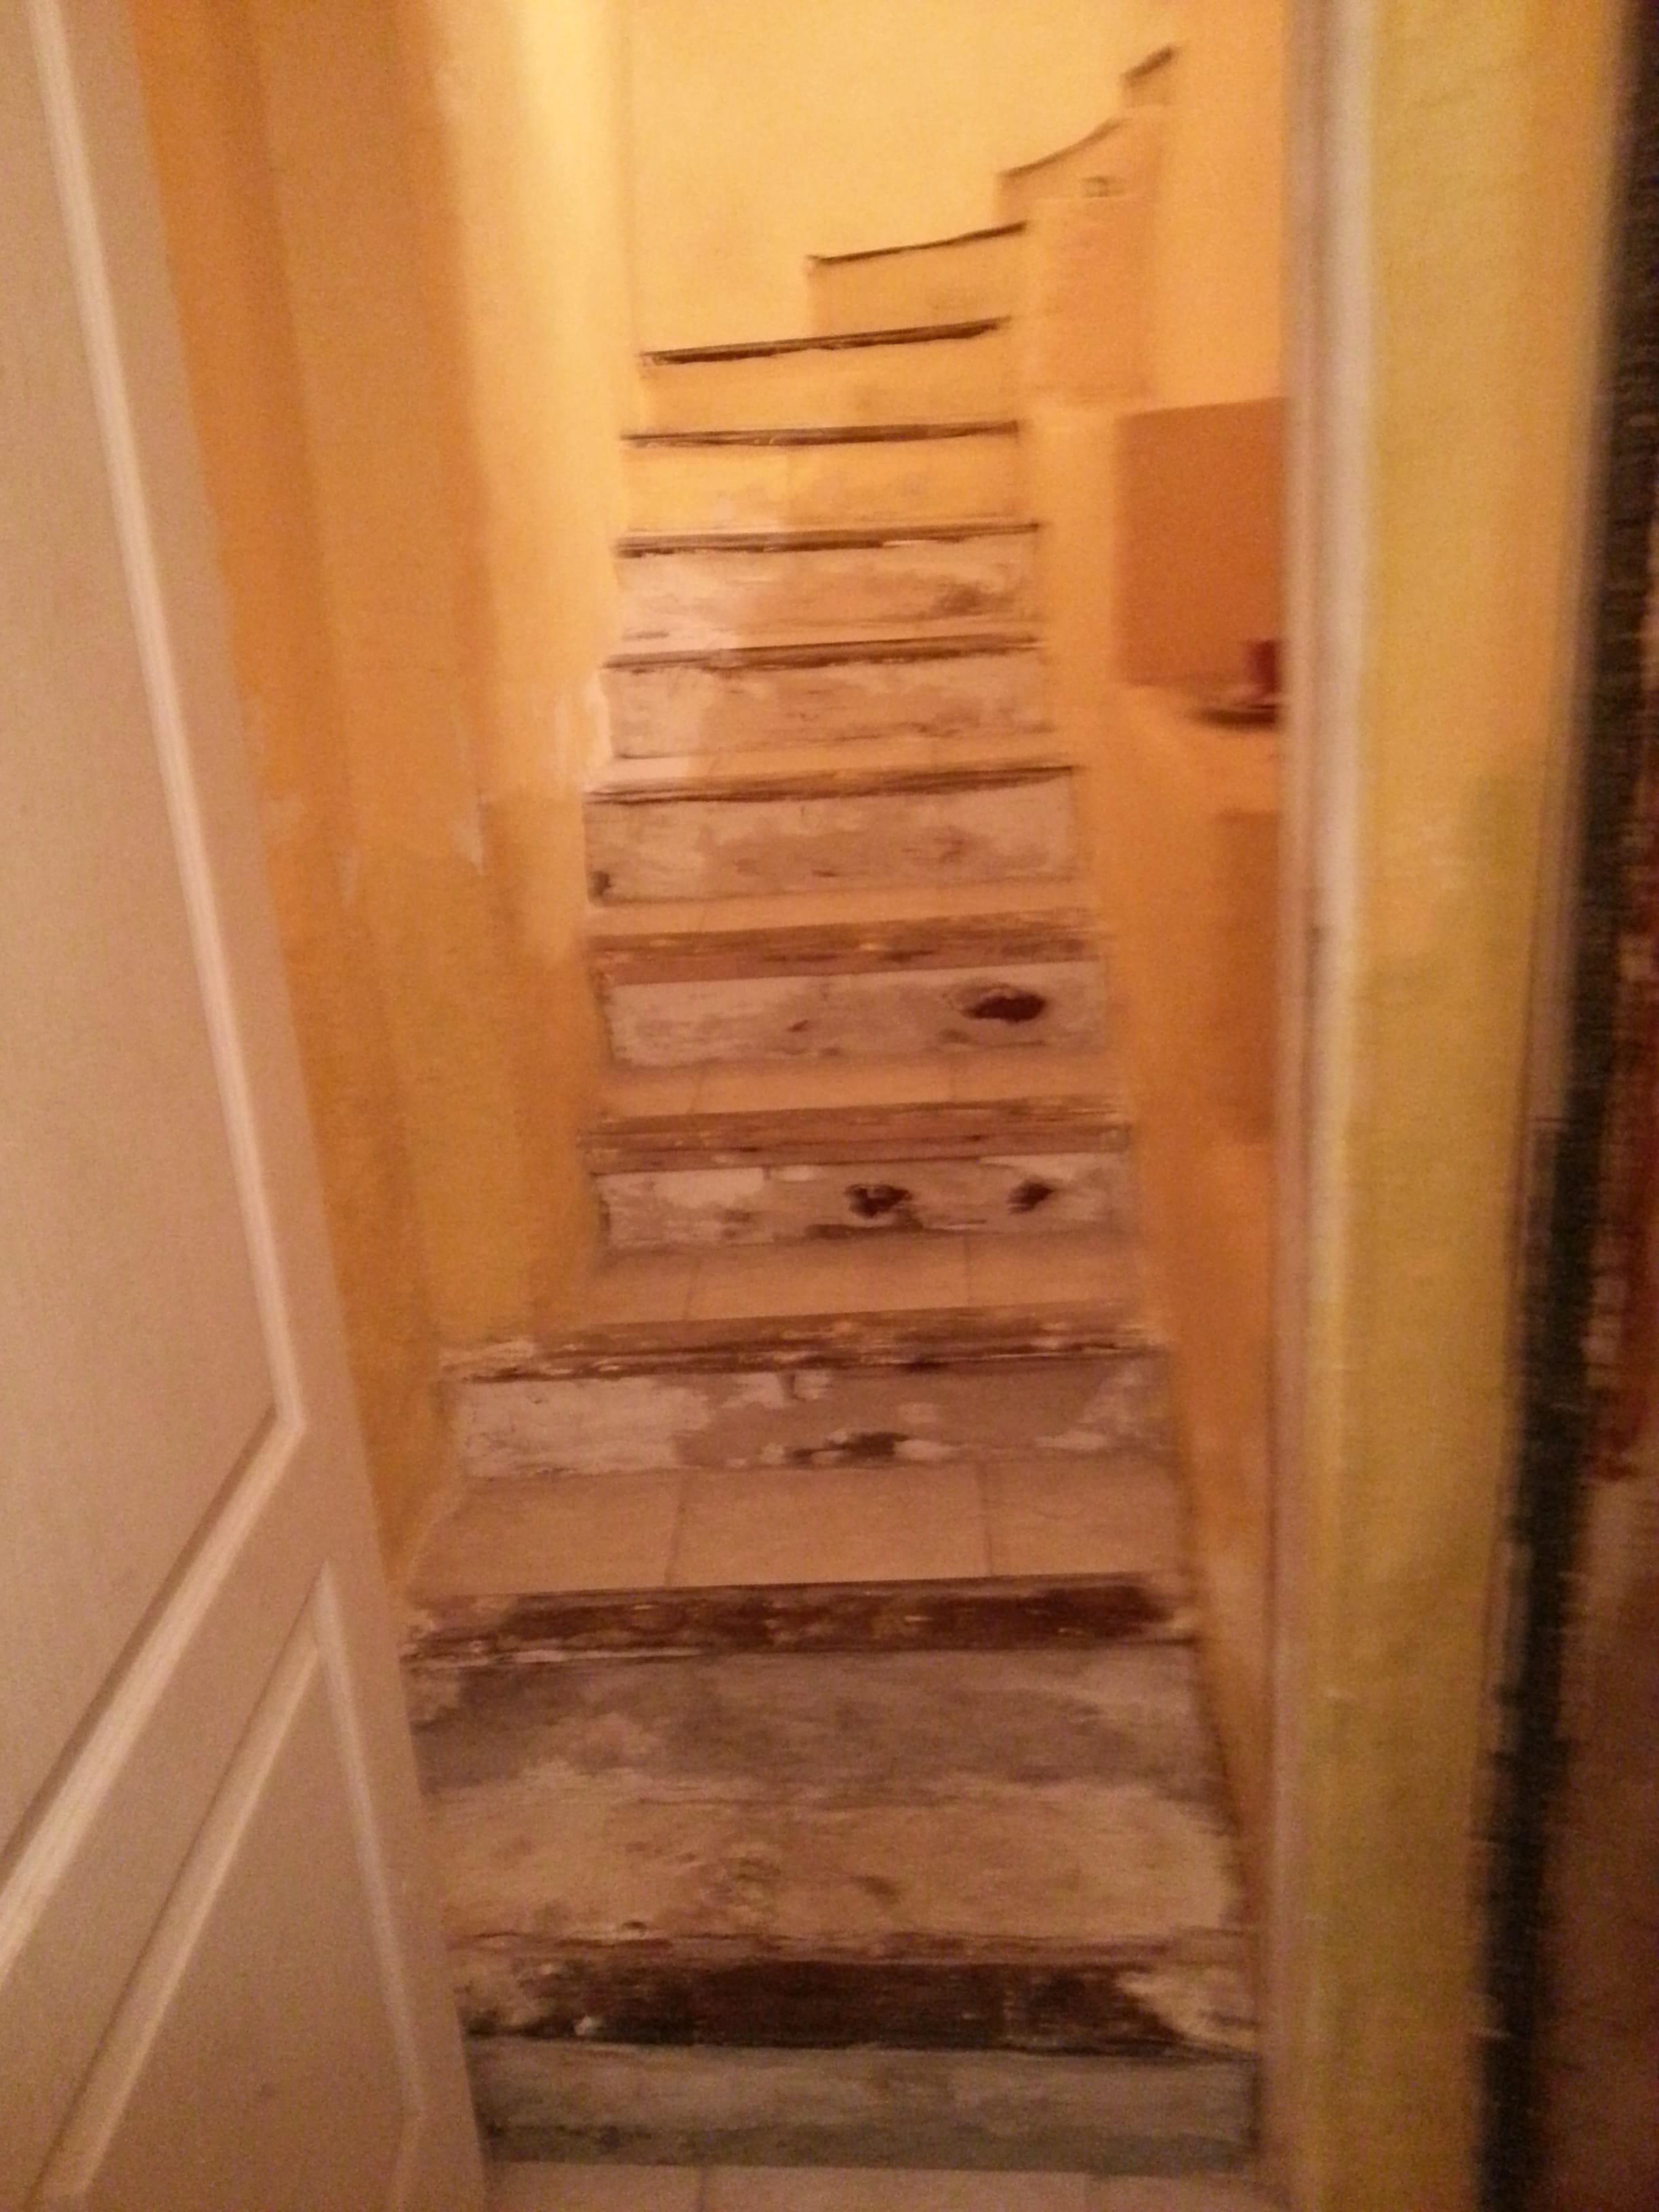 Ajouter Des Contre Marche Escalier renovation escaliers très abîmés [résolu] - linternaute